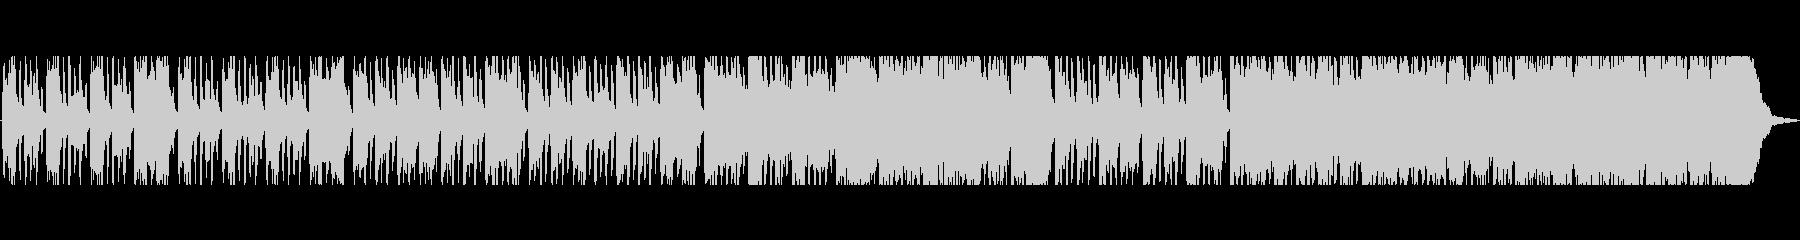 オーボエのメロディーラインとオーケ...の未再生の波形